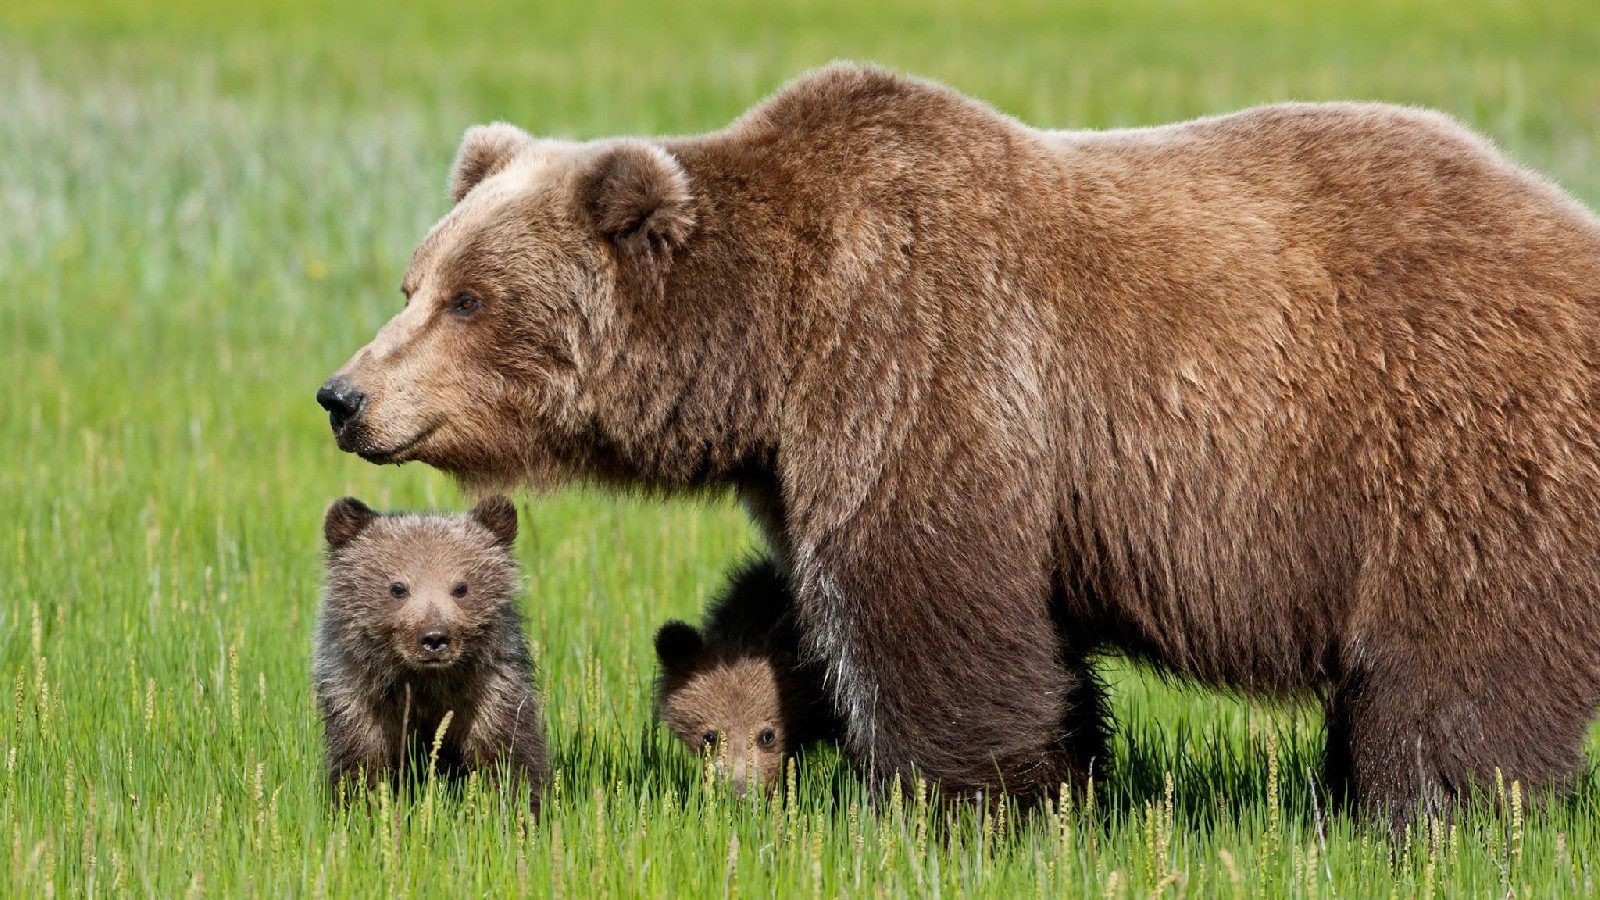 """Trento, morta l'orsa Daniza durante le operazioni di cattura. Lav denuncia: """"Esecuzione annunciata, responsabili paghino"""""""